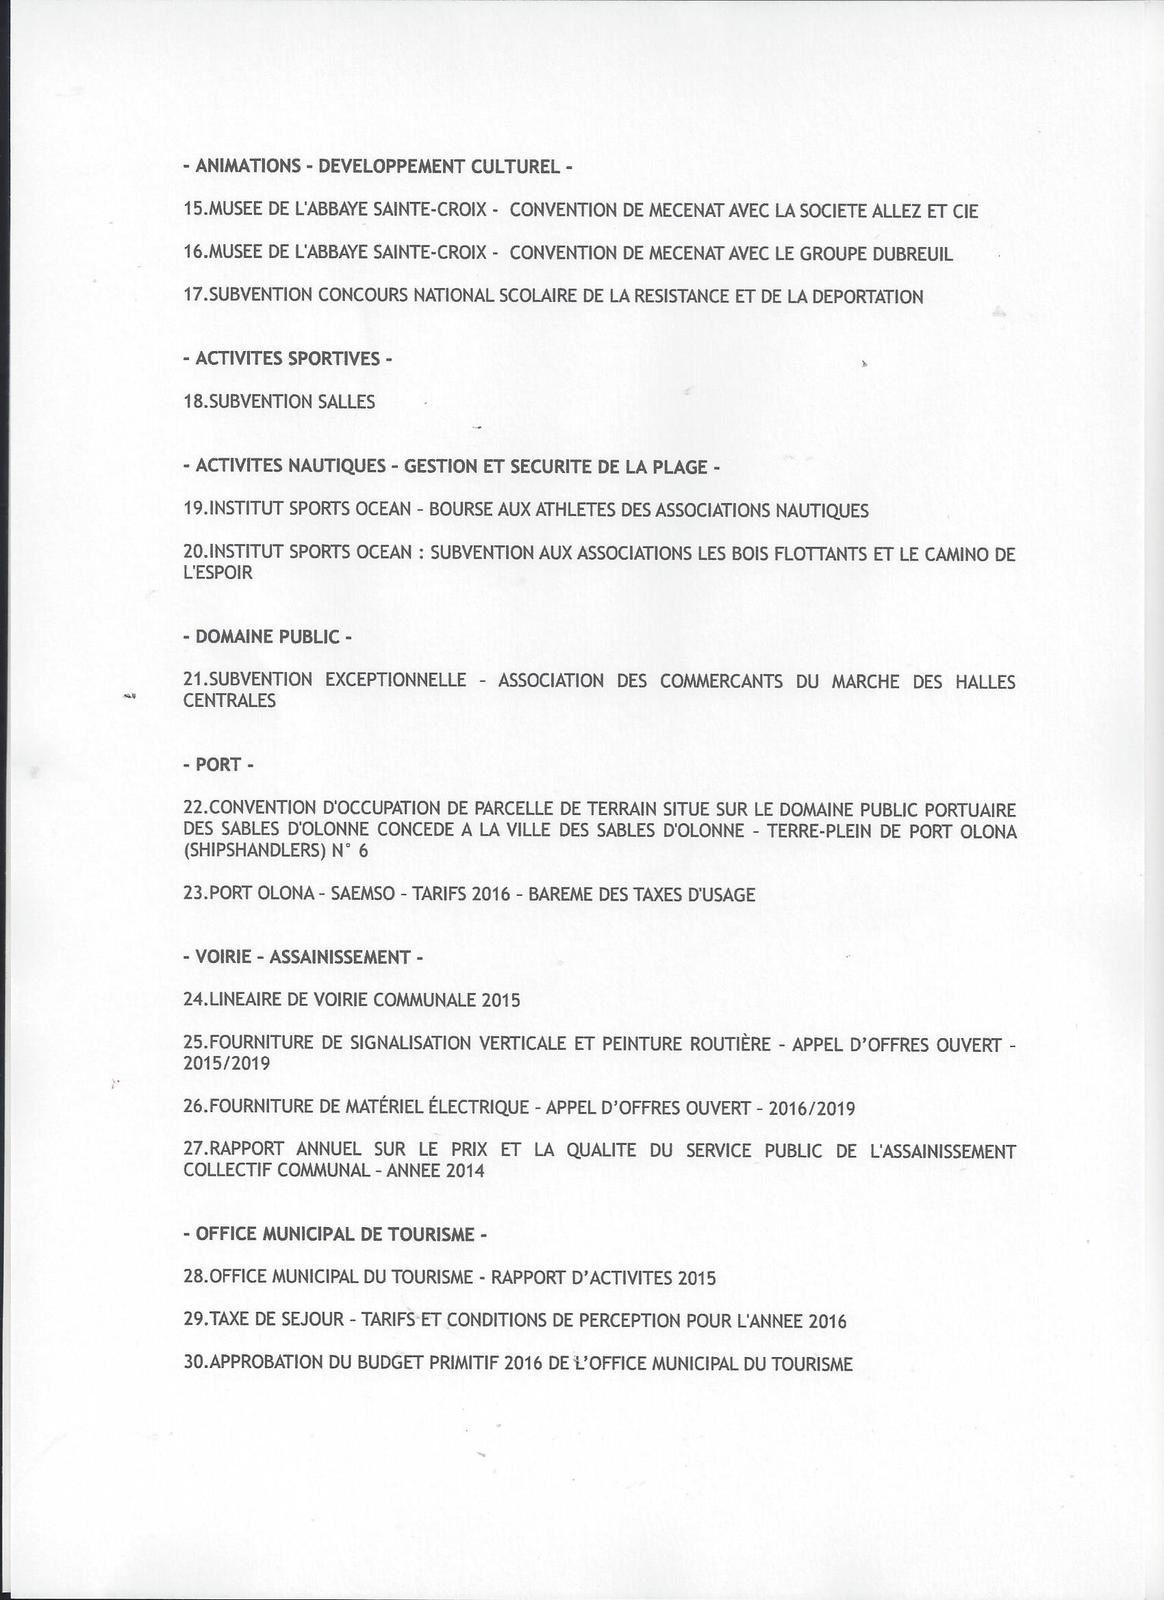 LES SABLES D'OLONNE : CONSEIL MUNICIPAL DU MERCREDI 9 DÉCEMBRE 2015